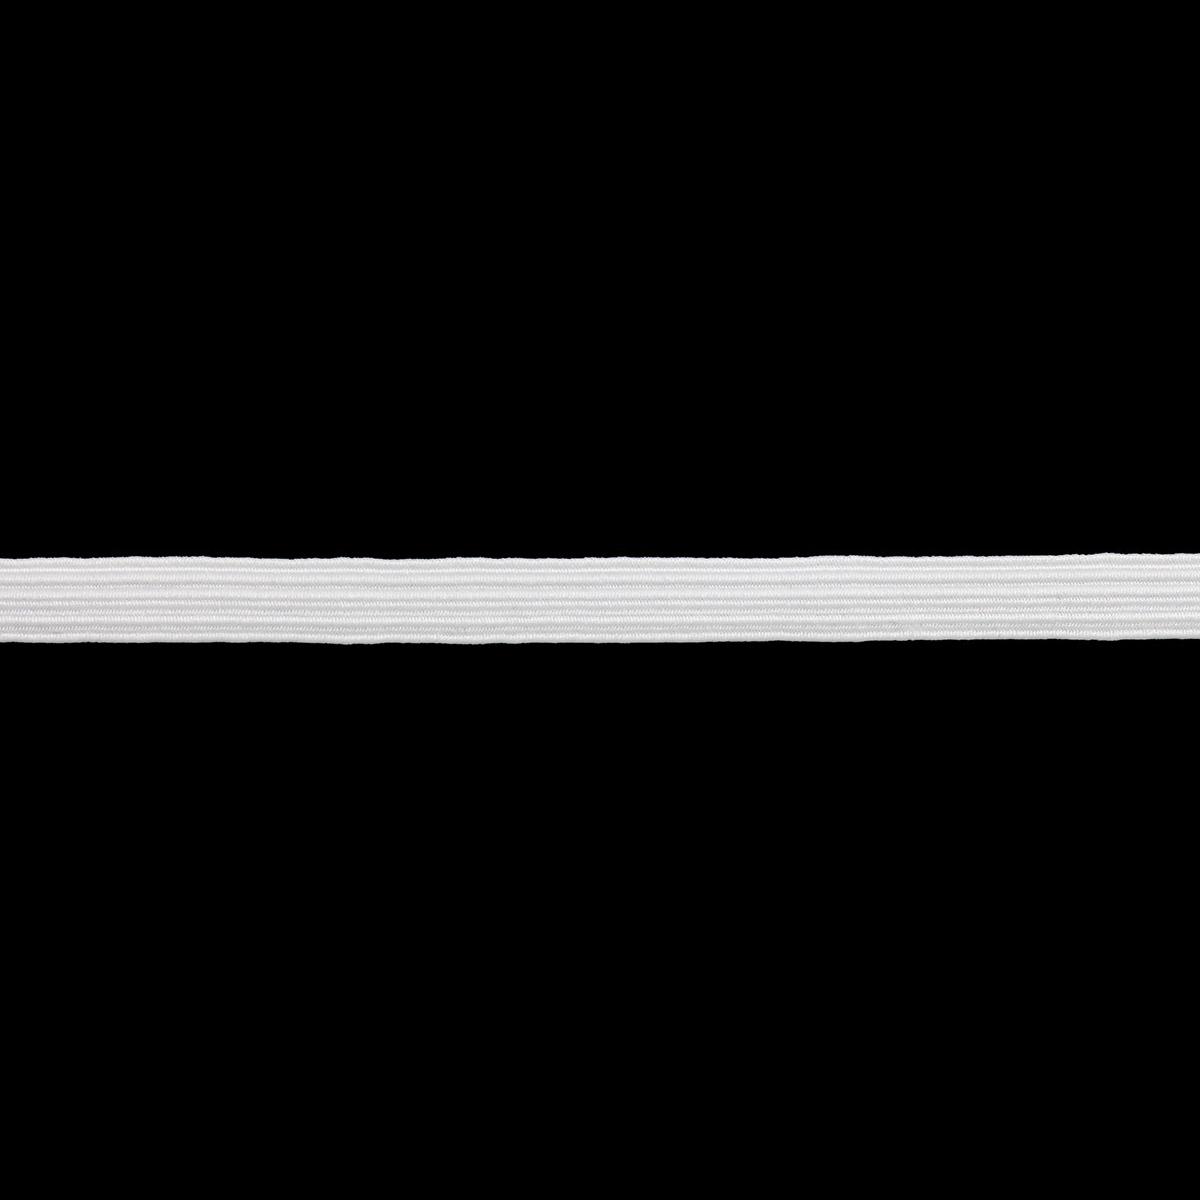 1С27 Тесьма эластичная 7мм 10м белая